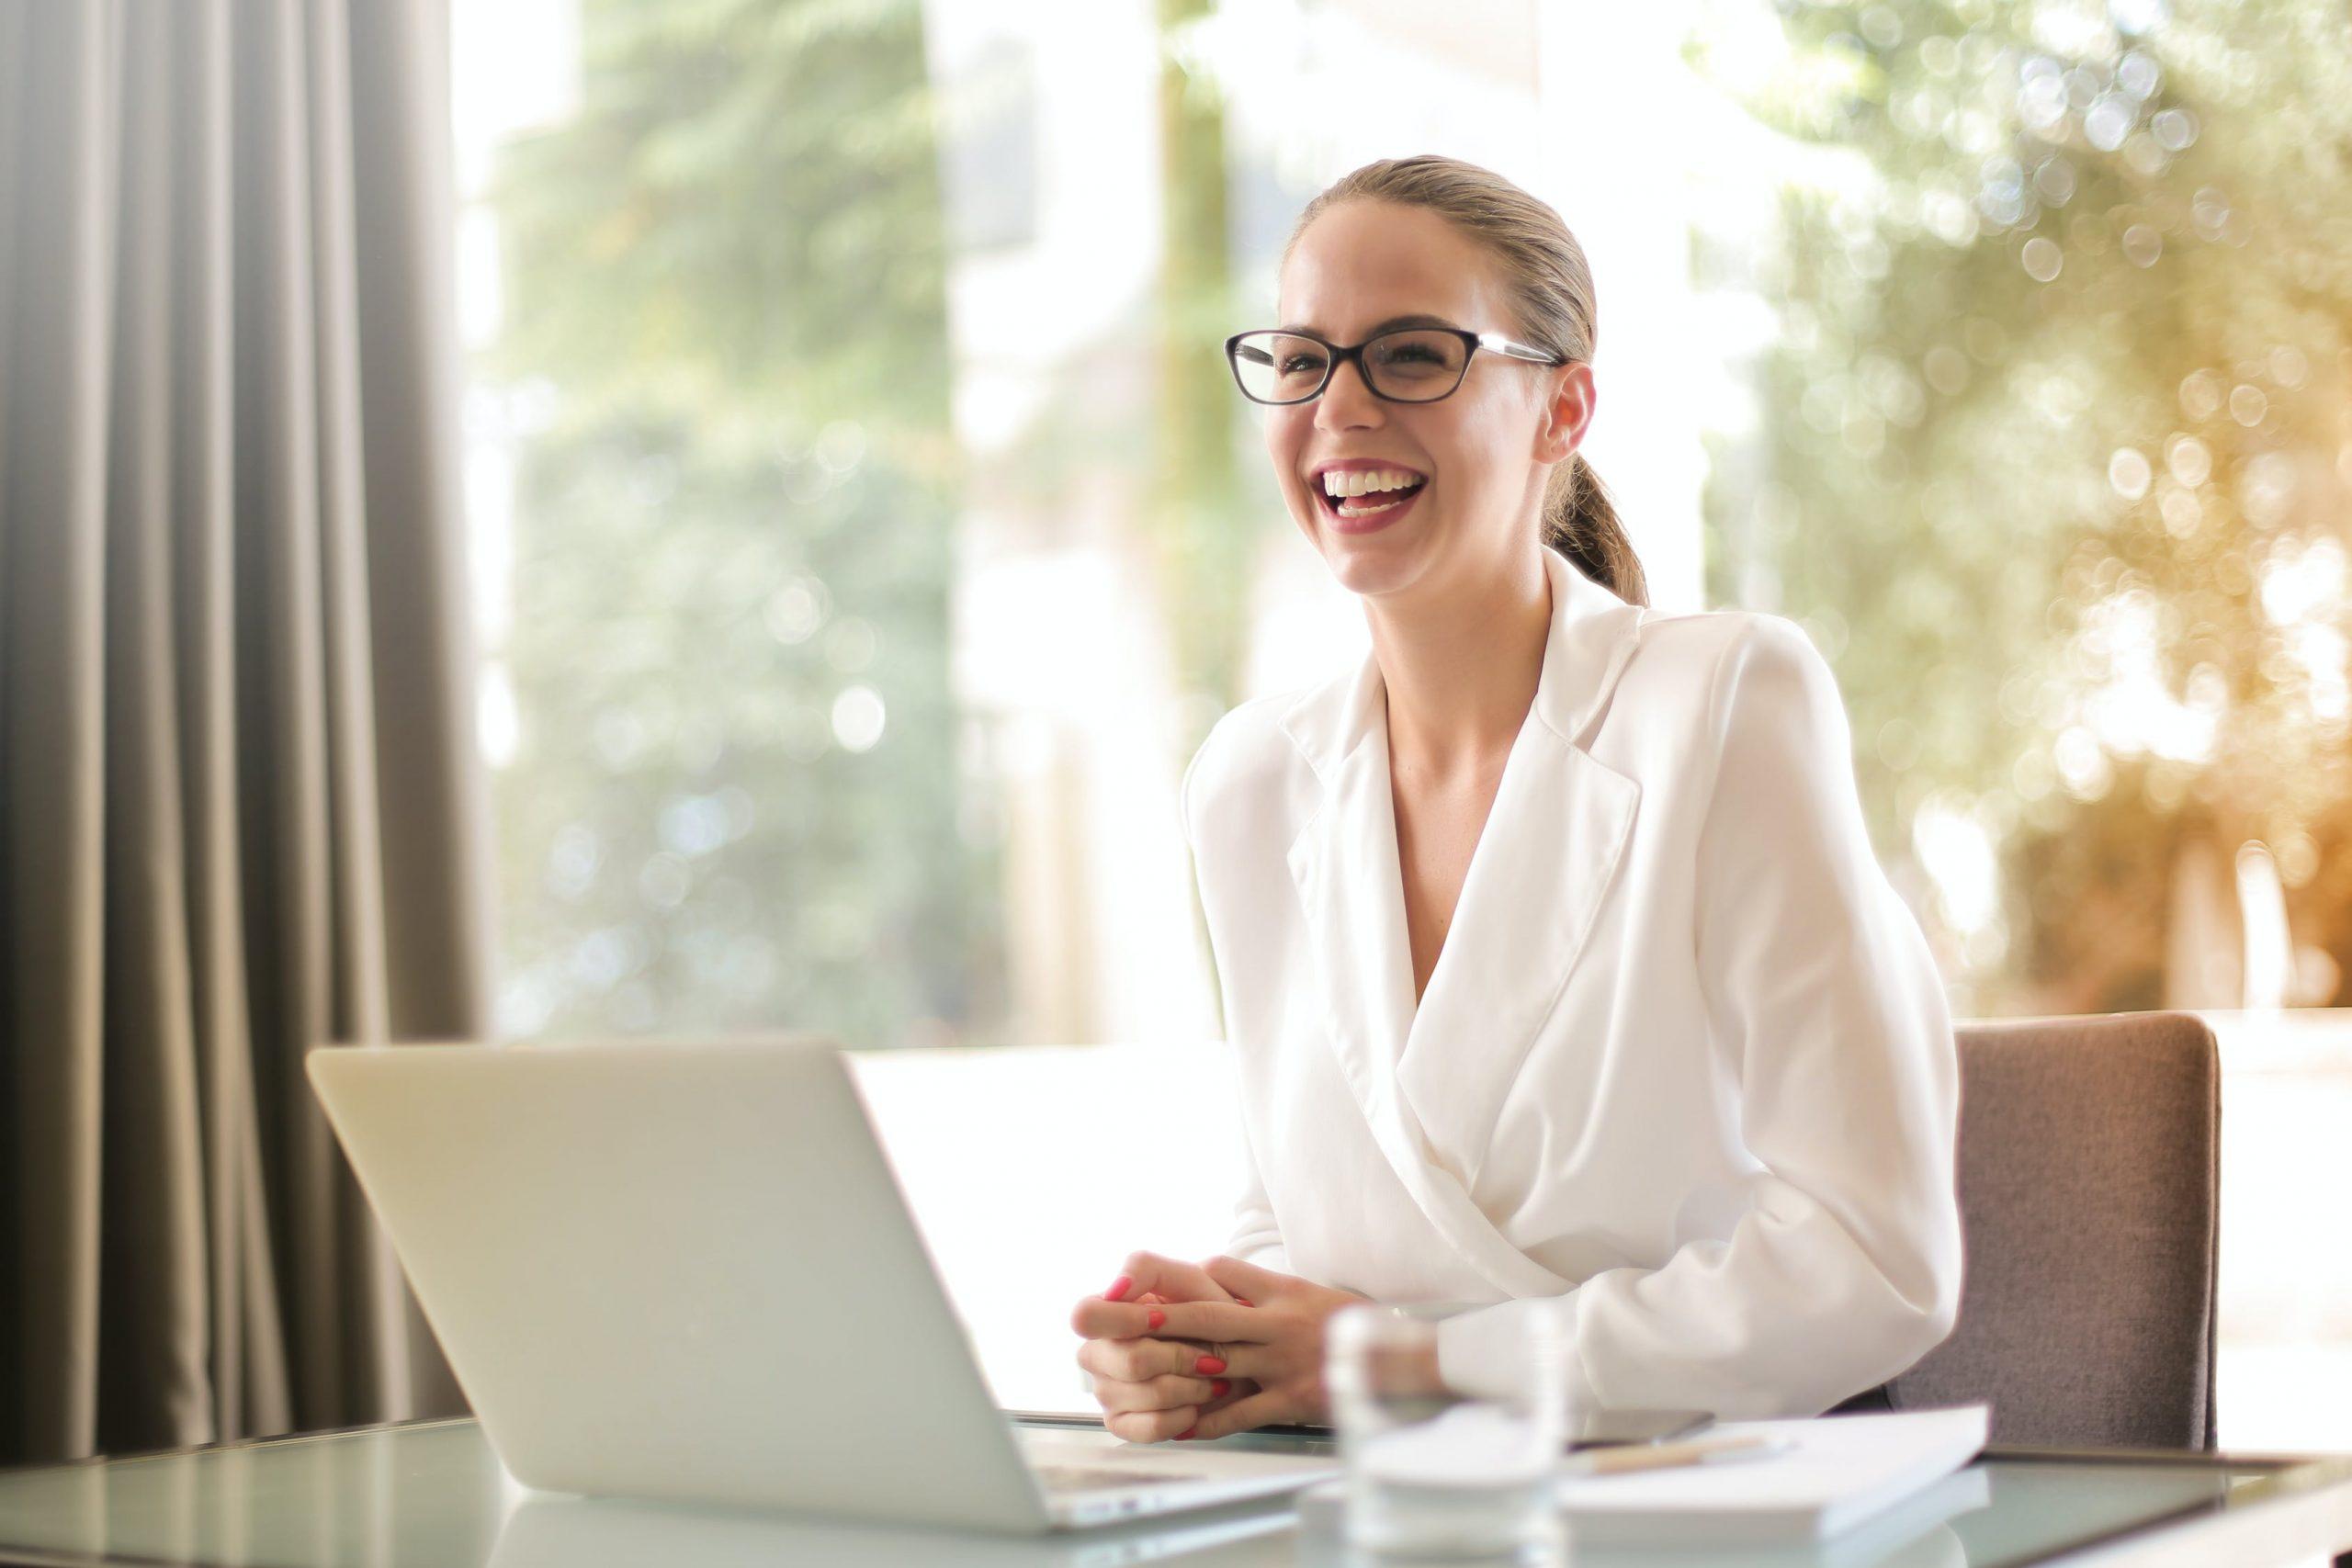 Женщина и карьера: каких ошибок необходимо избегать на пути к успеху